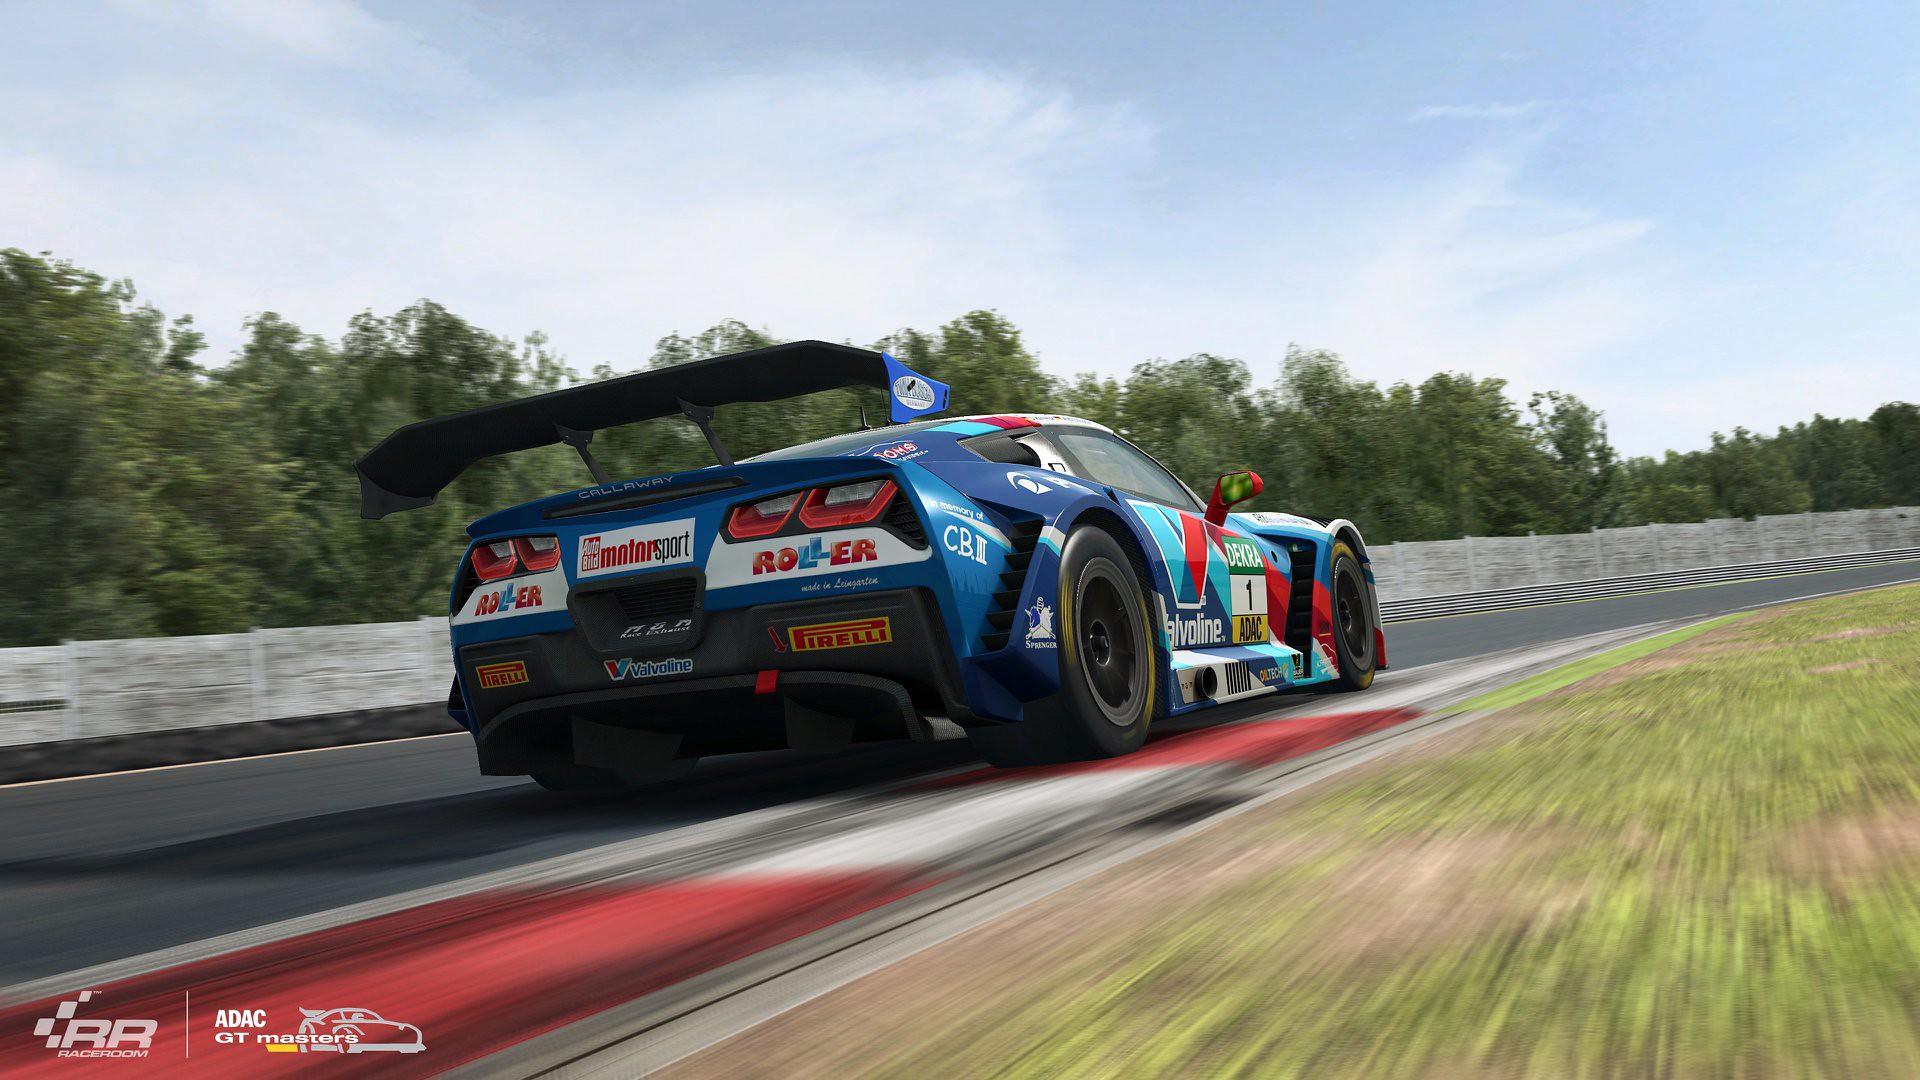 RaceRoom ADAC GT Masters 2018 Porsche 1